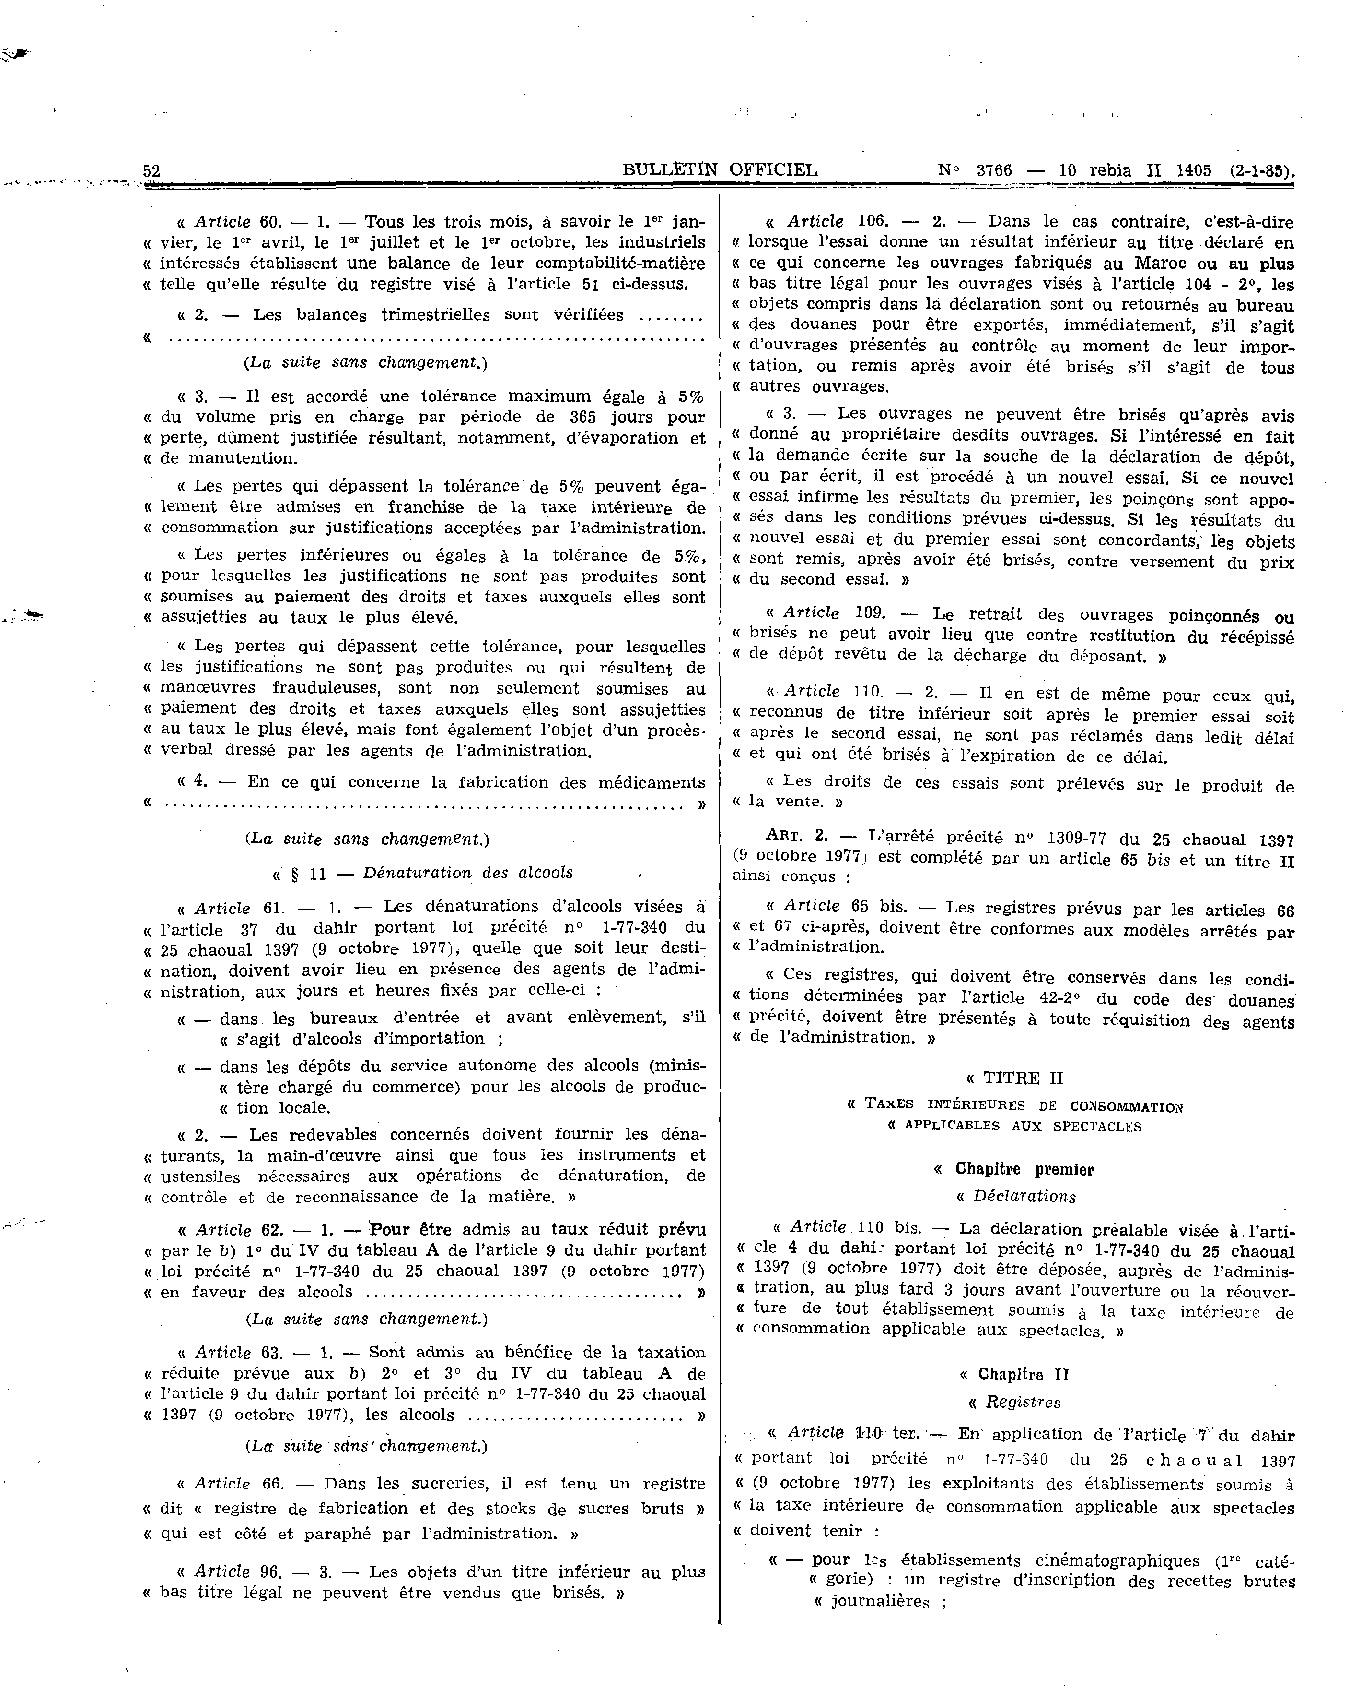 les-prix-maxima-des-acte-et-service-medicaux-dans-le-secteur-prive-052